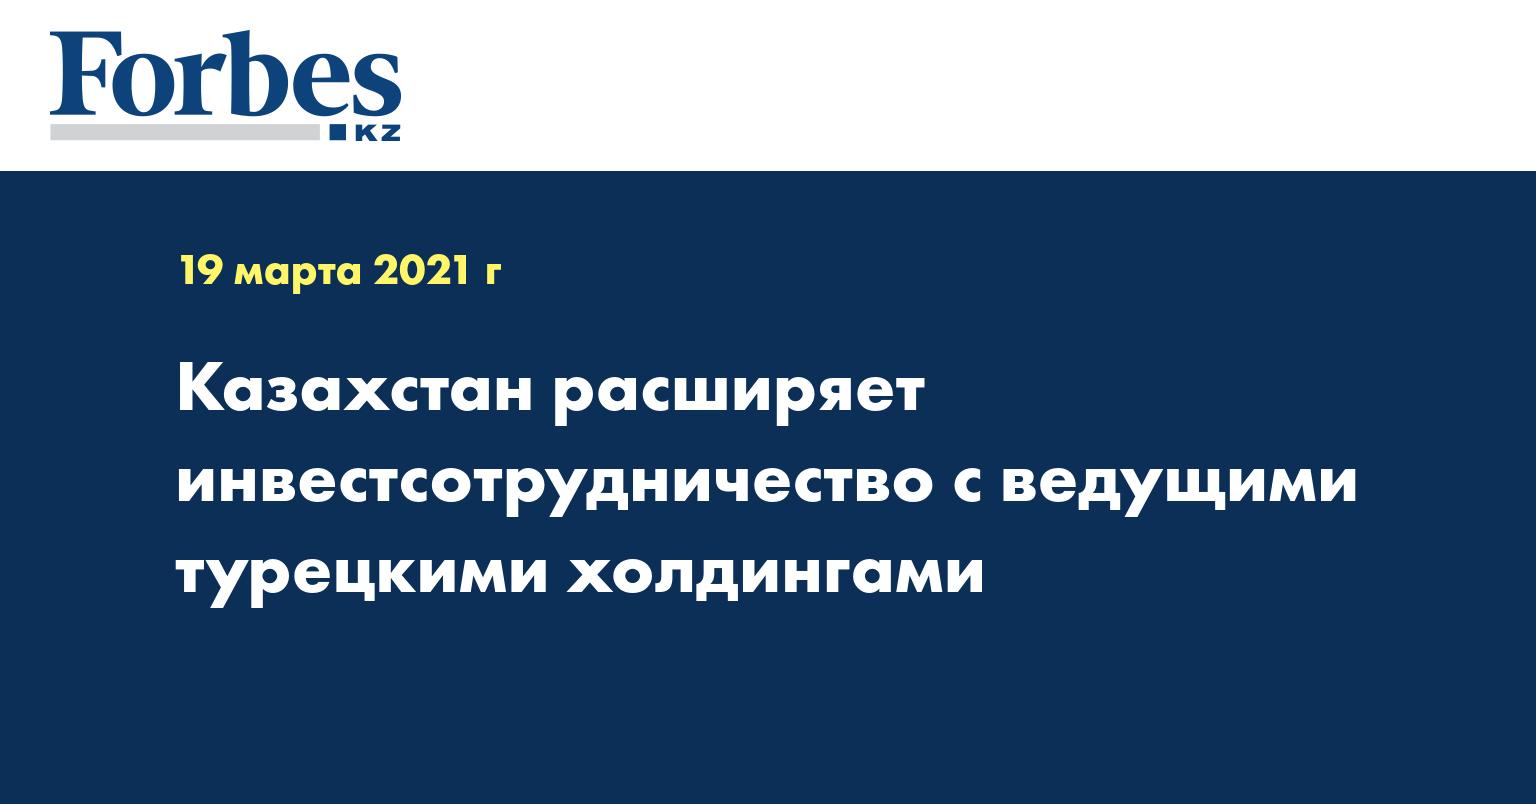 Казахстан расширяет инвестсотрудничество с ведущими турецкими холдингами